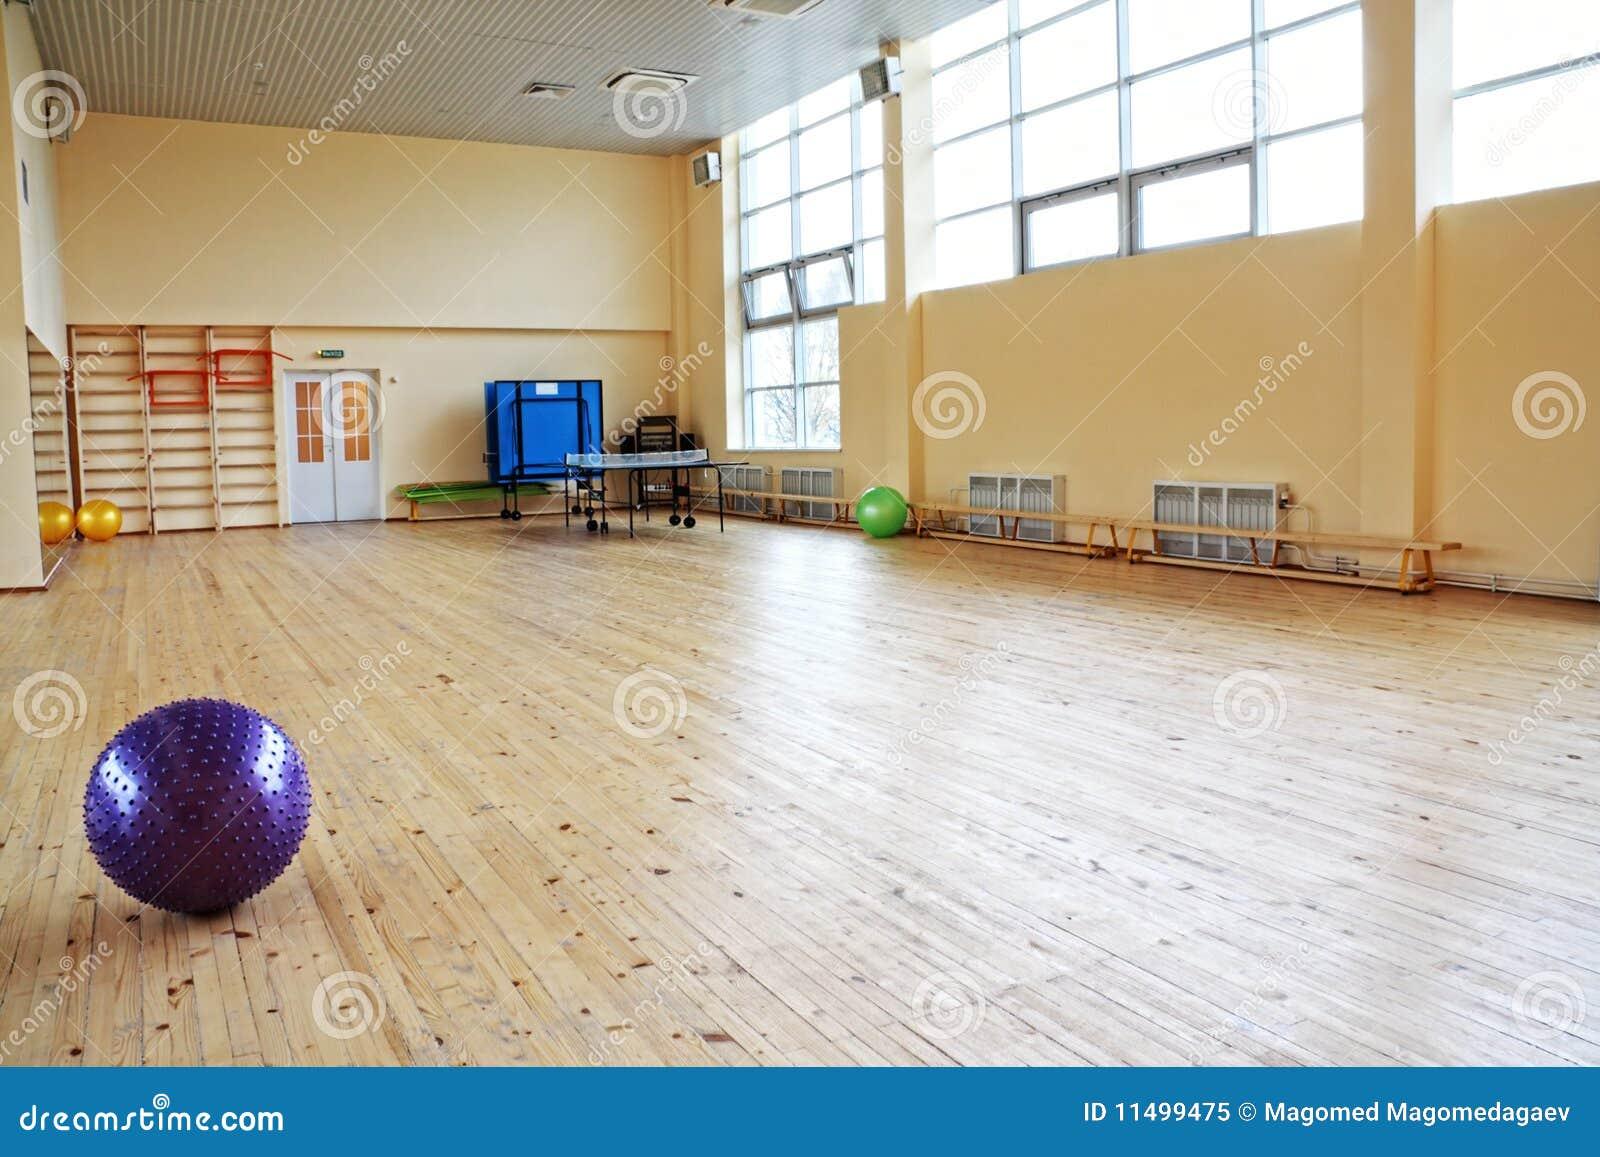 Bola púrpura en gimnasia vacía